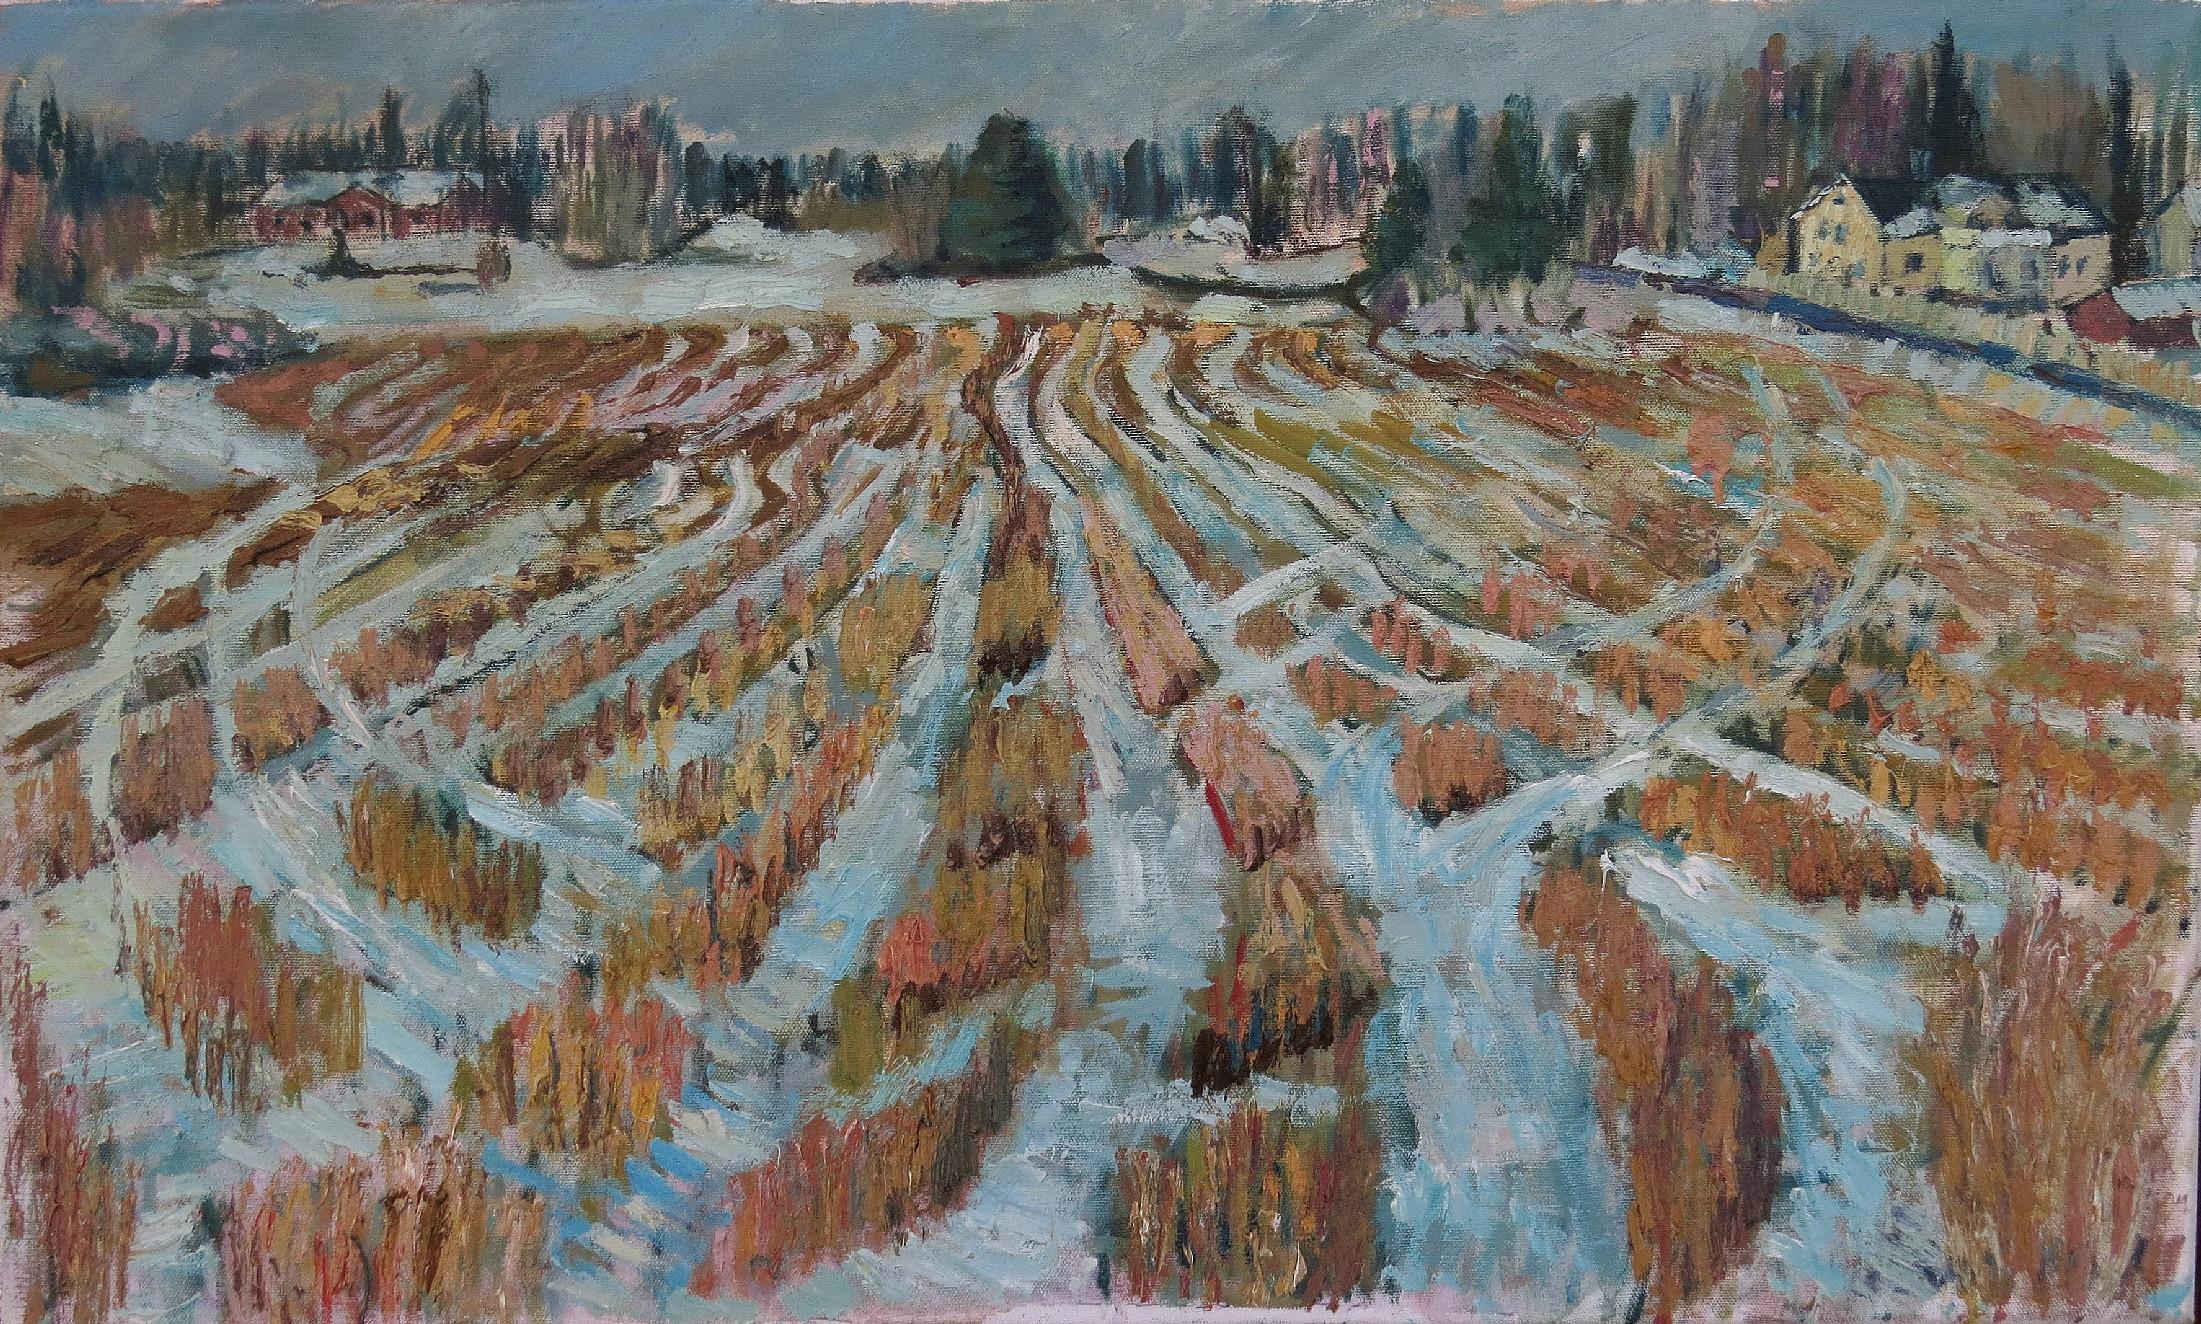 John Maclean, Wheatfield in Winter, Oil on canvas, 75 x45 cm,  http://www.macleanoilpainting.com